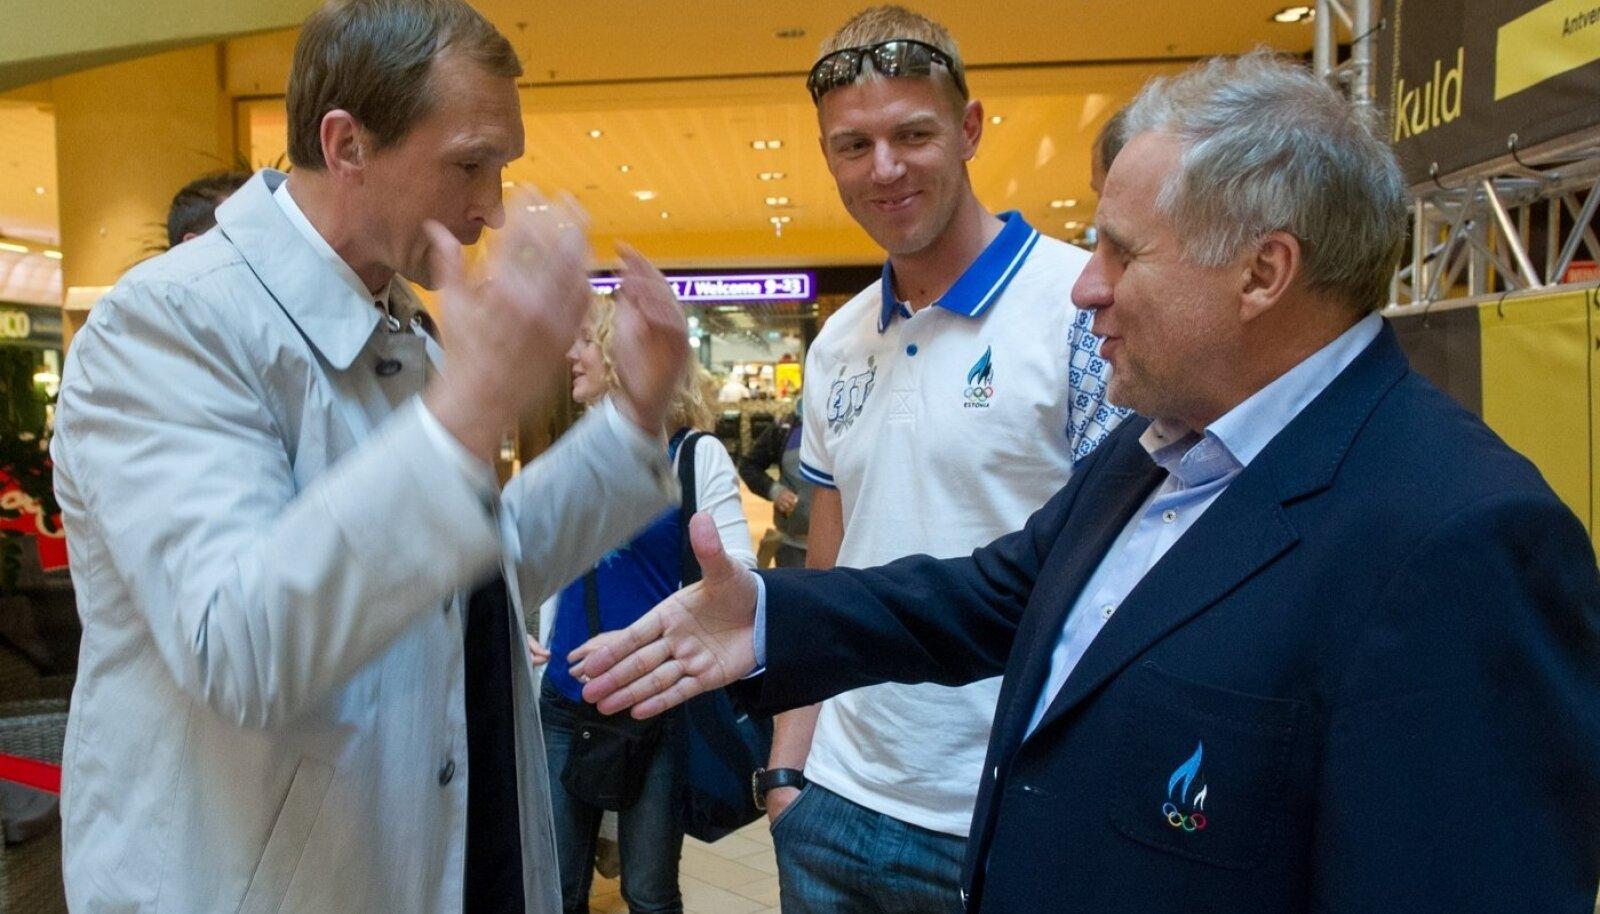 Jüri Jaanson (vasakul) ja Rein Kilk (paremal) arutasid Eesti sõudmise probleeme. Keskel muigab Kaspar Taimsoo. Pilt on tehtud 2012. aastal, enne valusat olümpiamedalita jäämist.